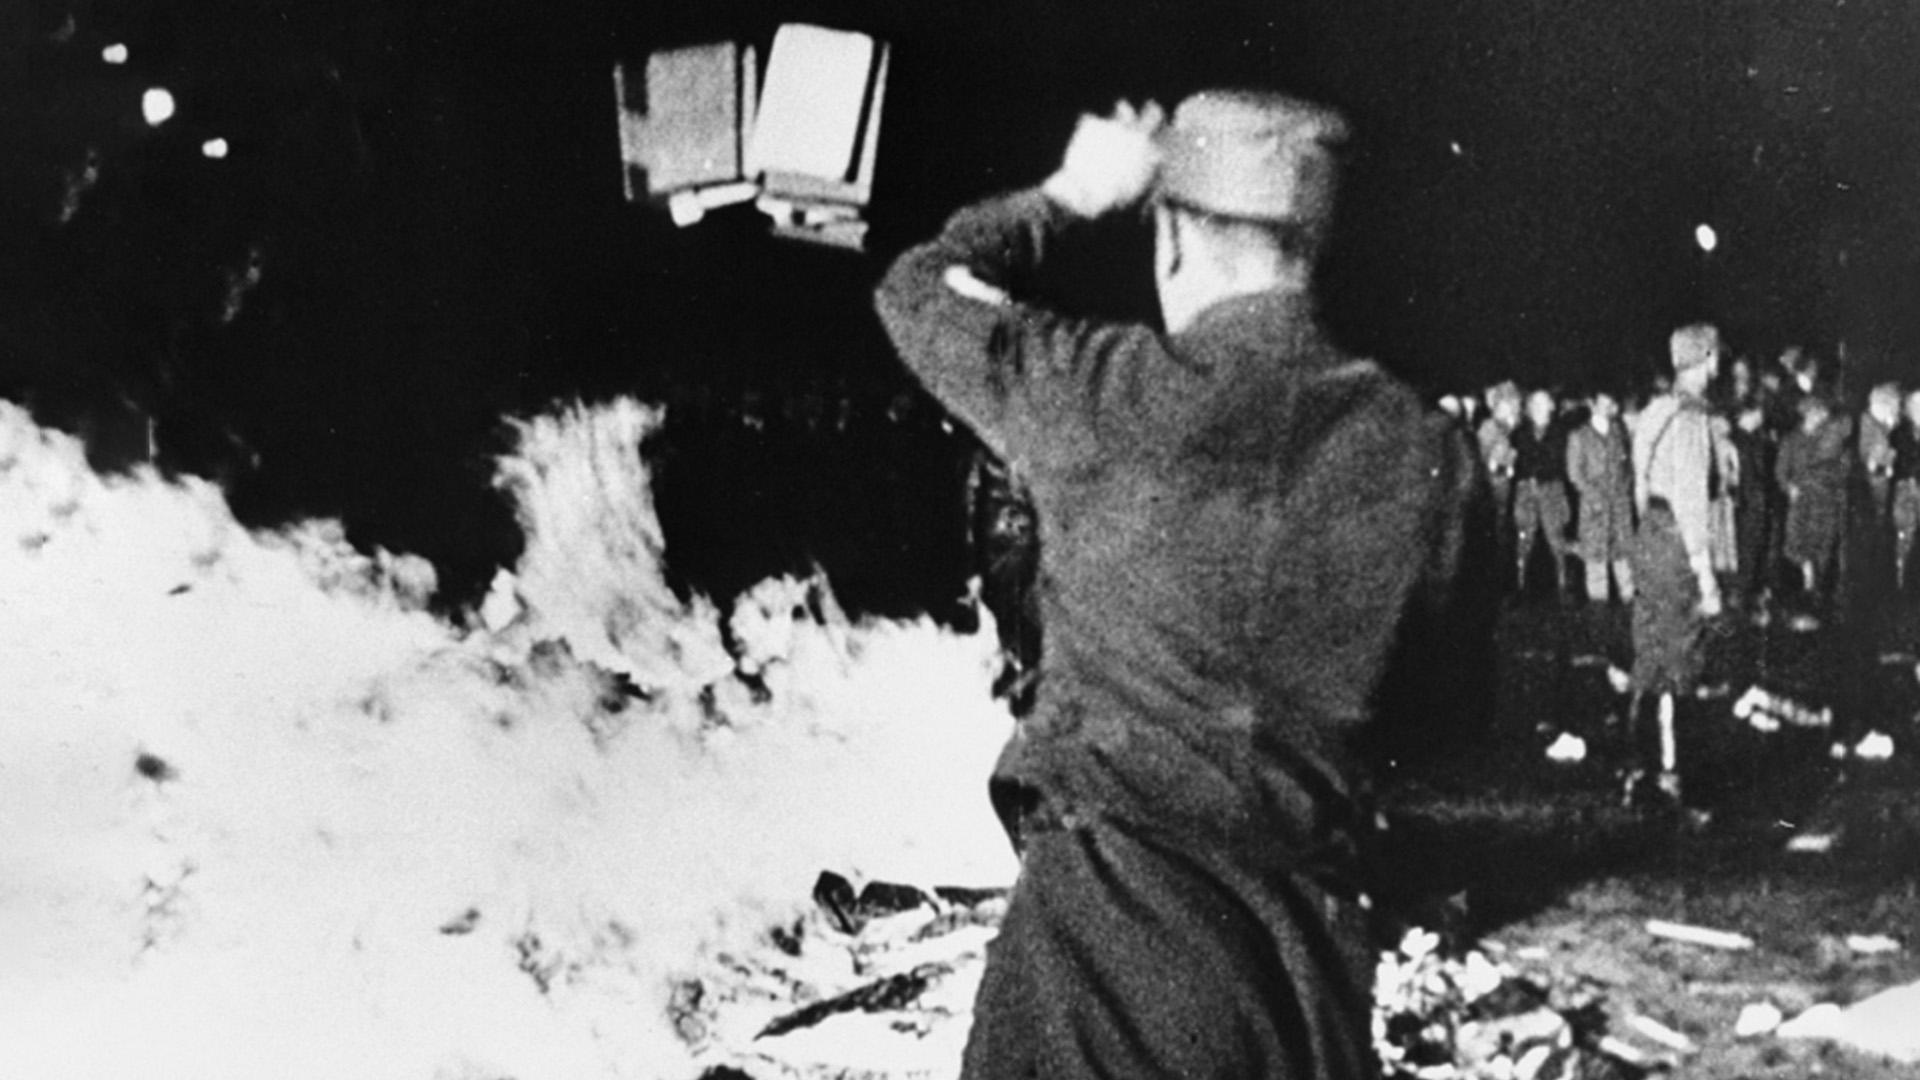 حرق الكتب, النازية, ألمانيا, إبادة الكتب, مراجعات, قراءات, تاريخ